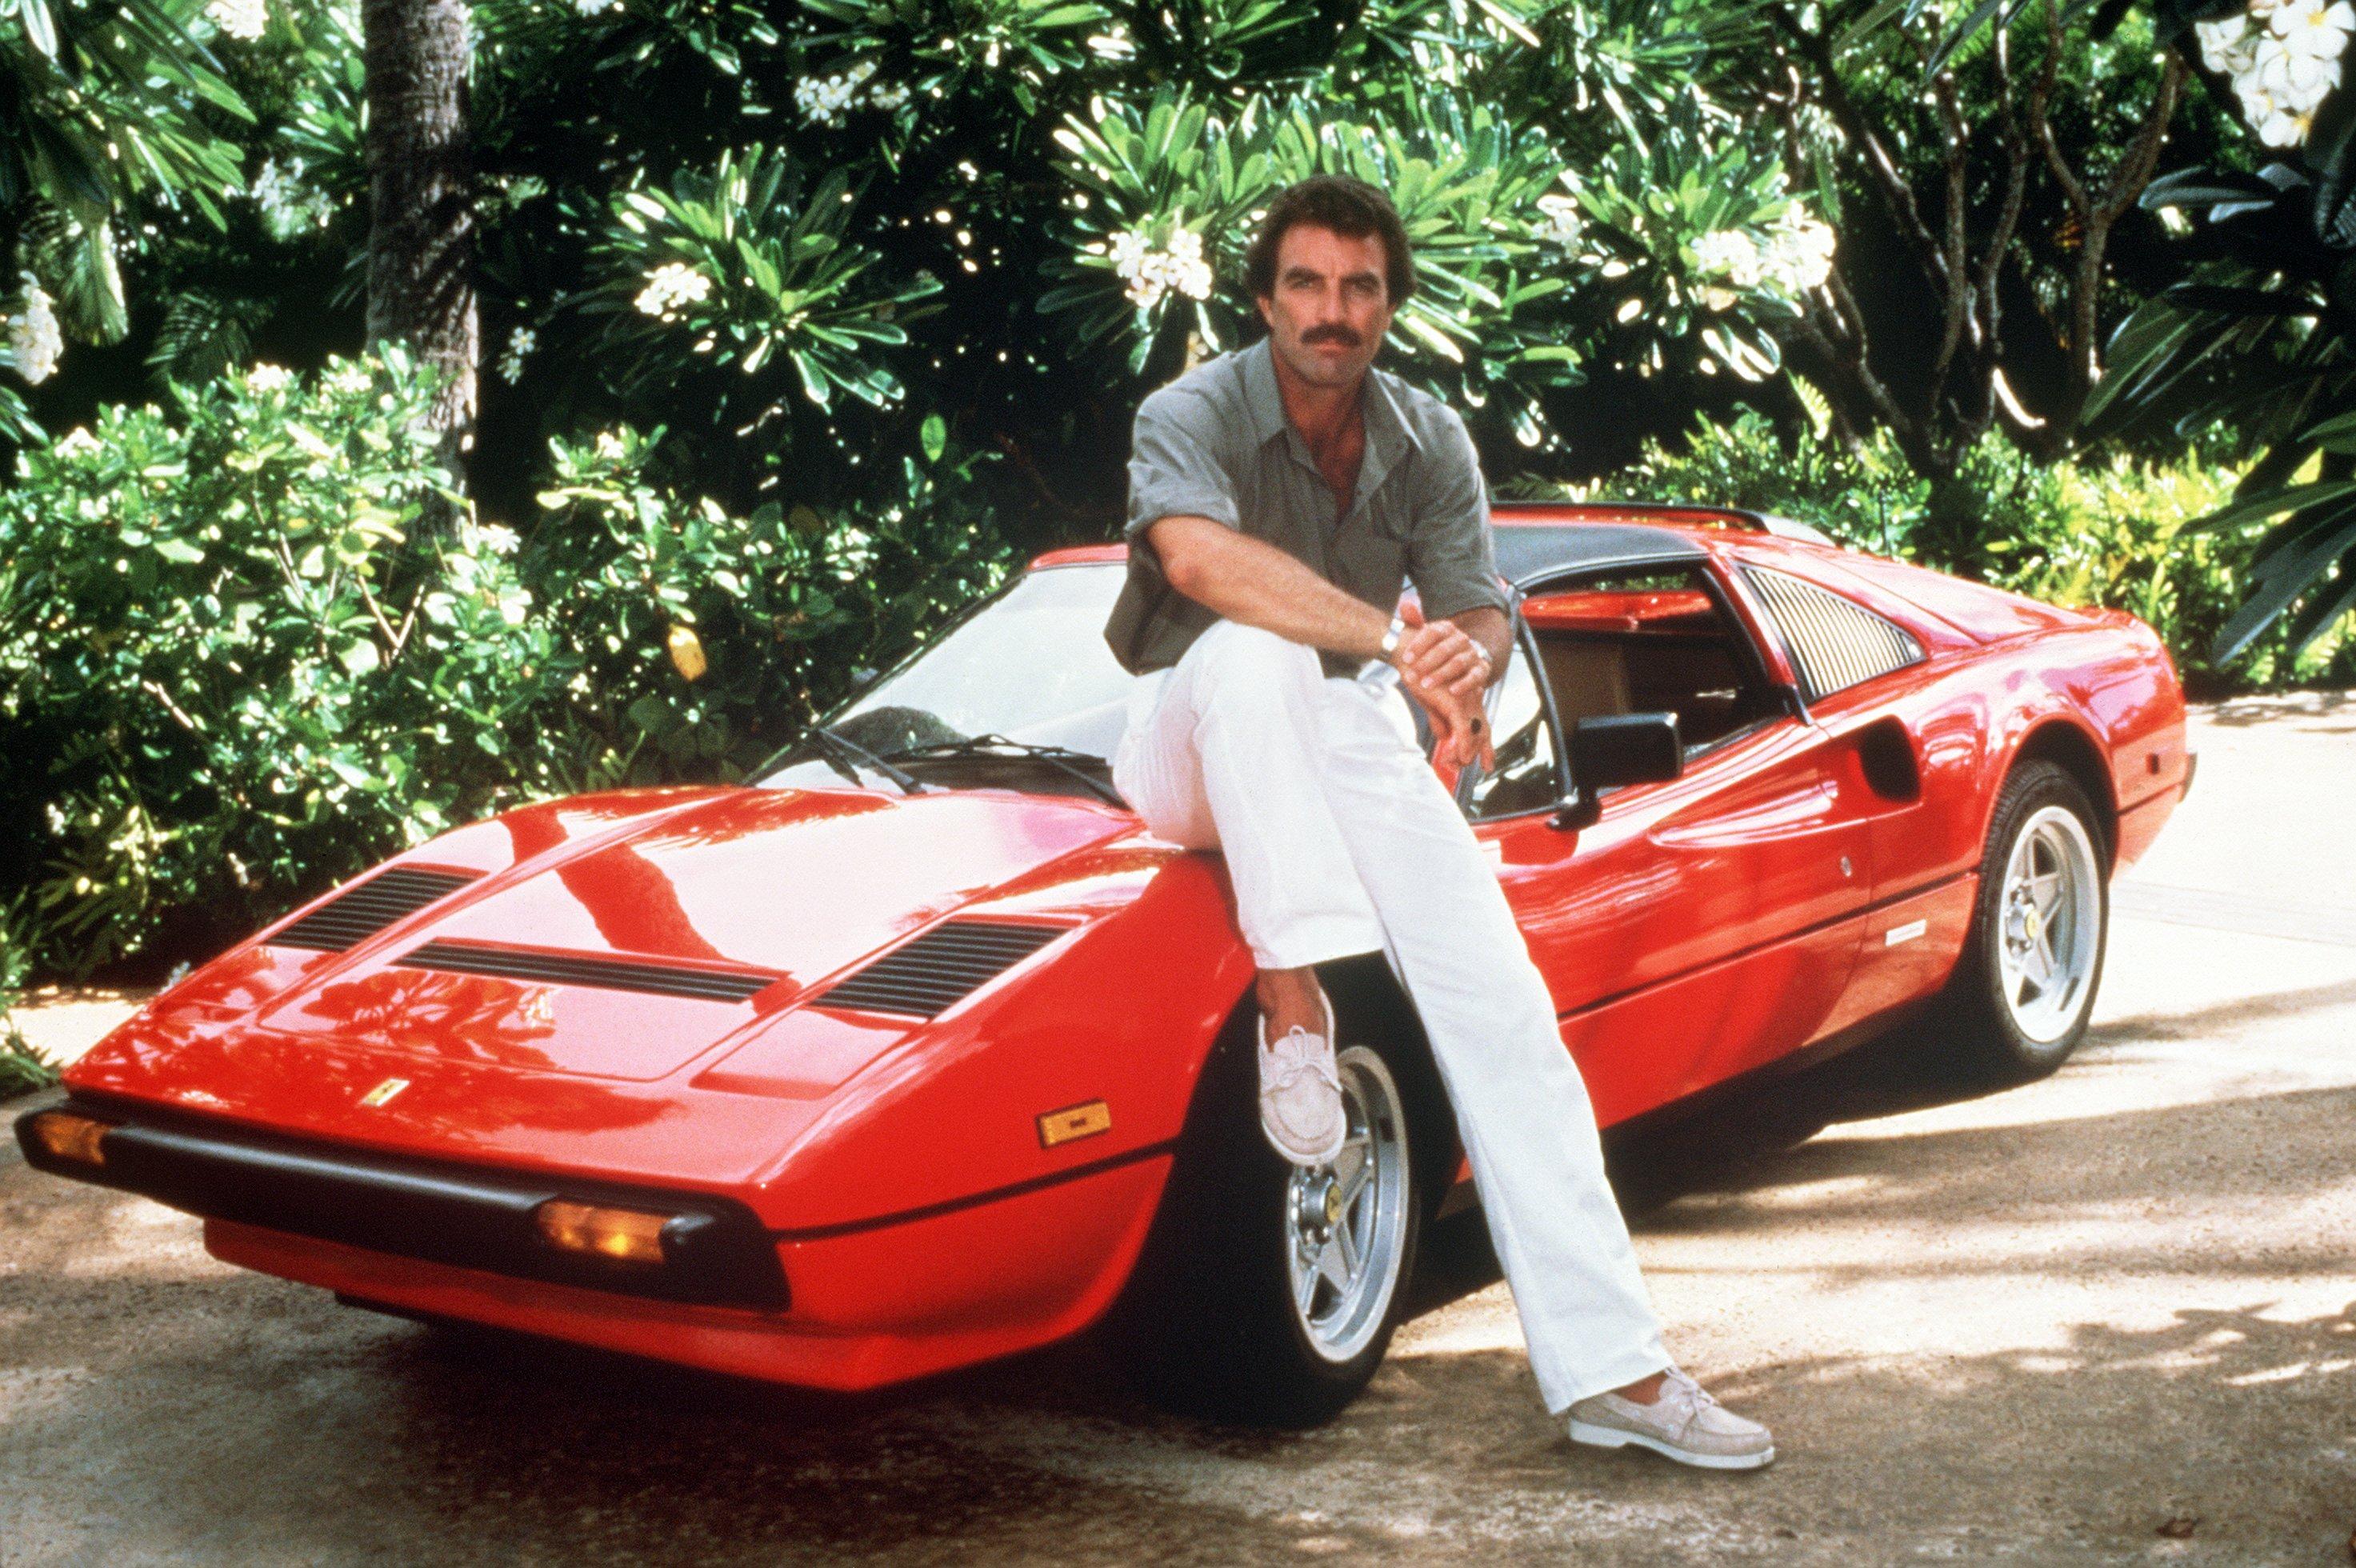 Tom Selleck als Thomas Magnum mit seinem roten Ferrari in einer Szene der TV-Serie 'Magnum'. (Aufnahme von 1985).